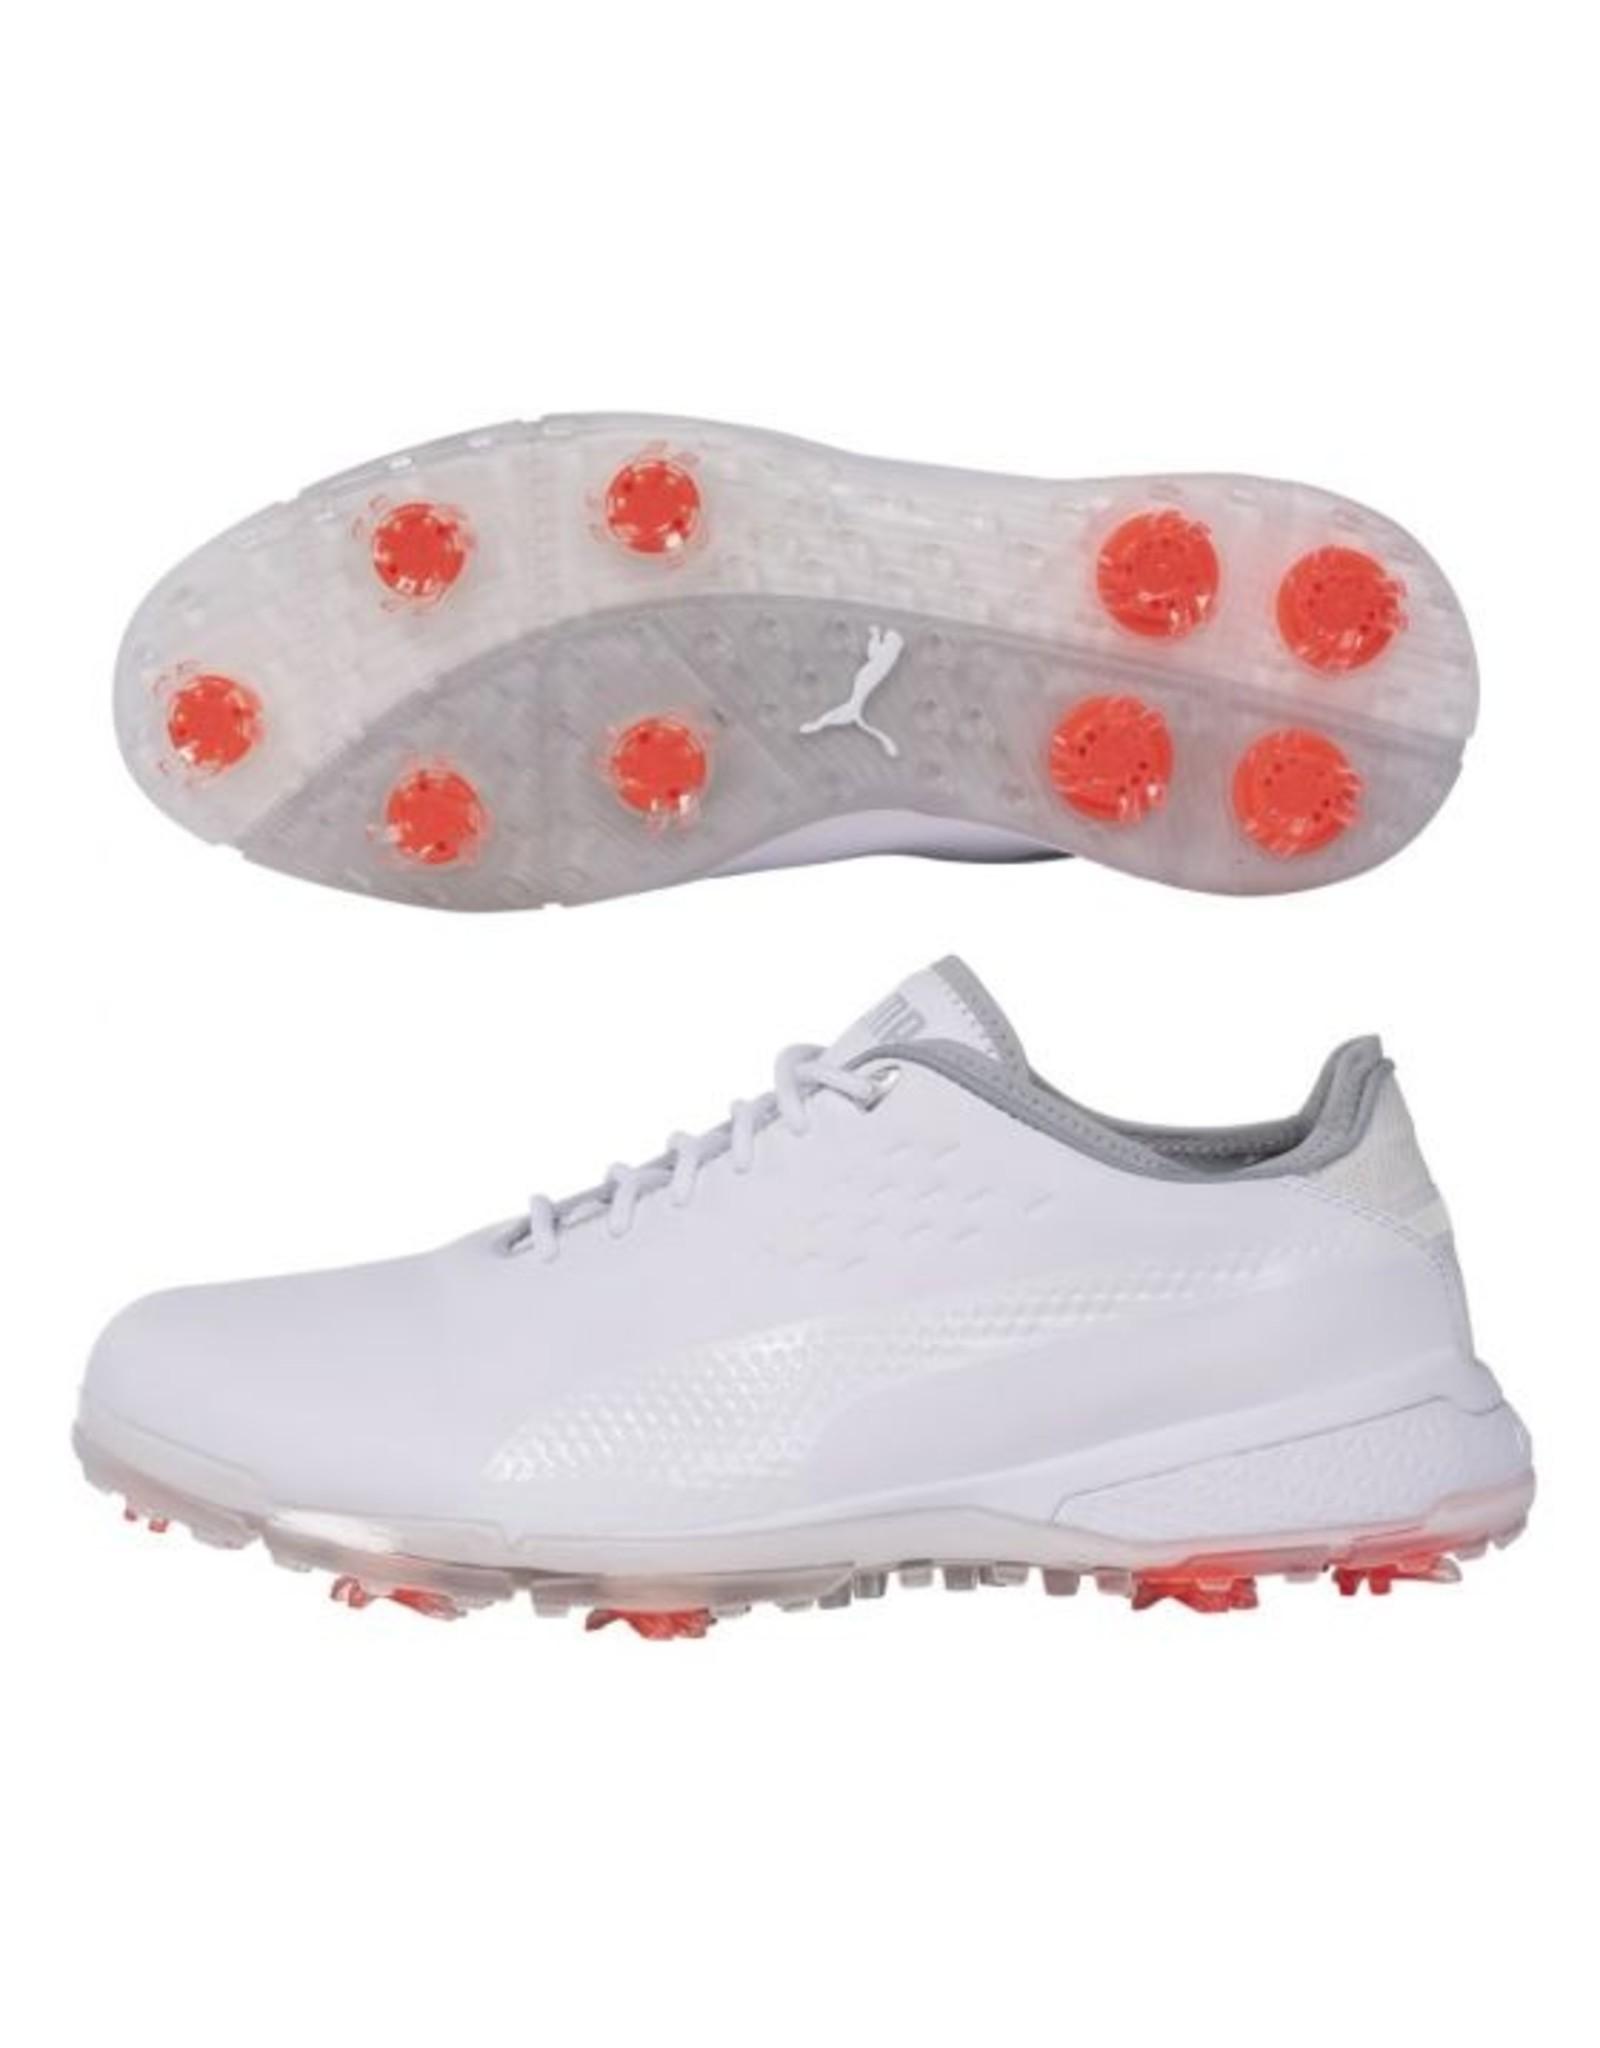 Puma Golf Puma Men's Proadapt Delta Golf Shoes